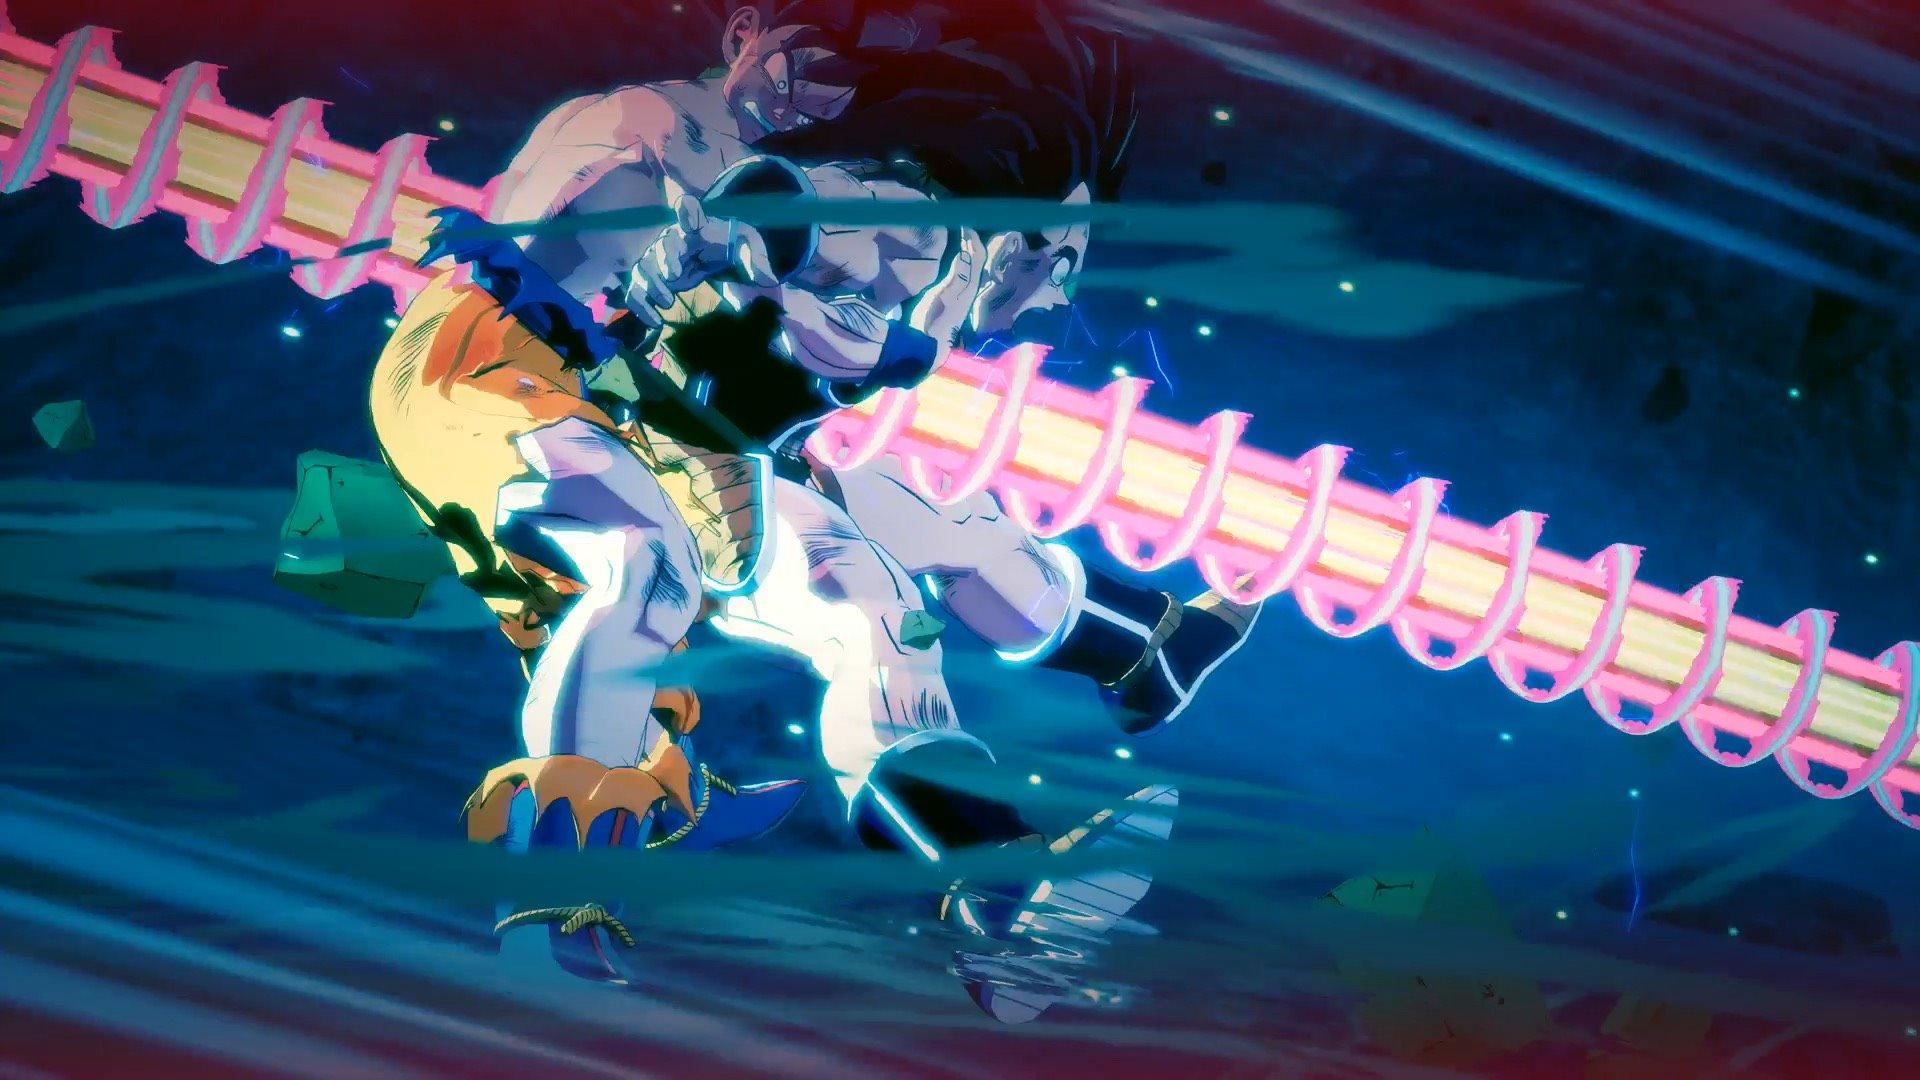 战斗力只有5 《龙珠Z:卡卡罗特》截图展示拉蒂兹和那巴